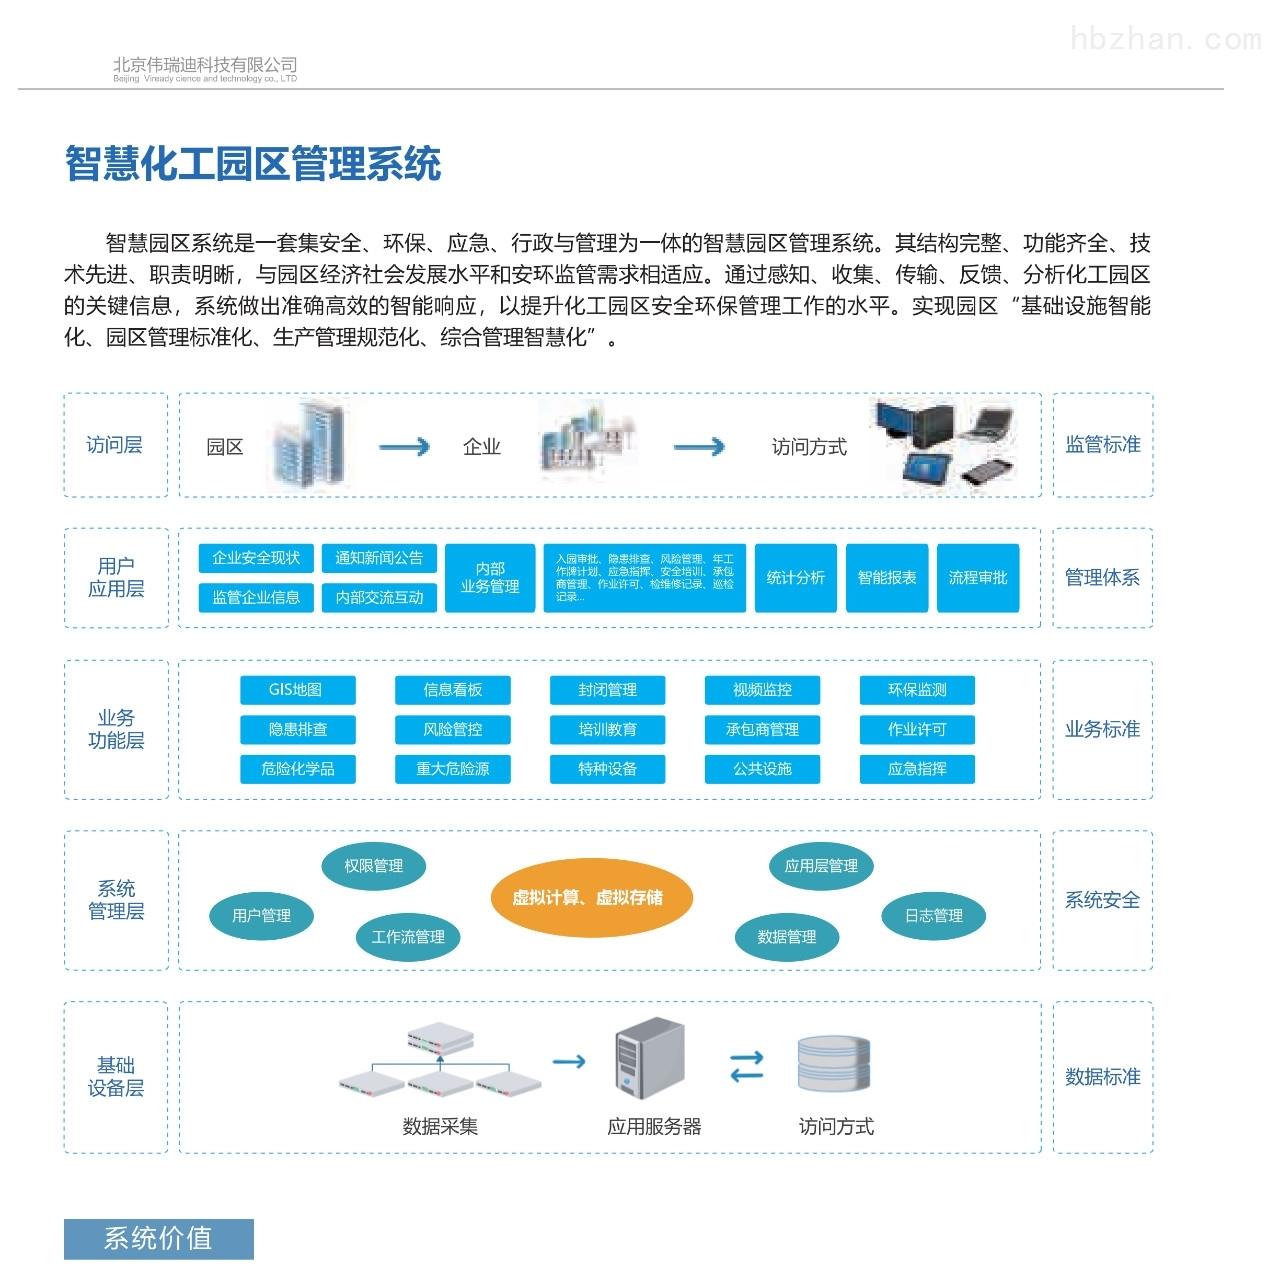 智慧園區信息安全管理系統